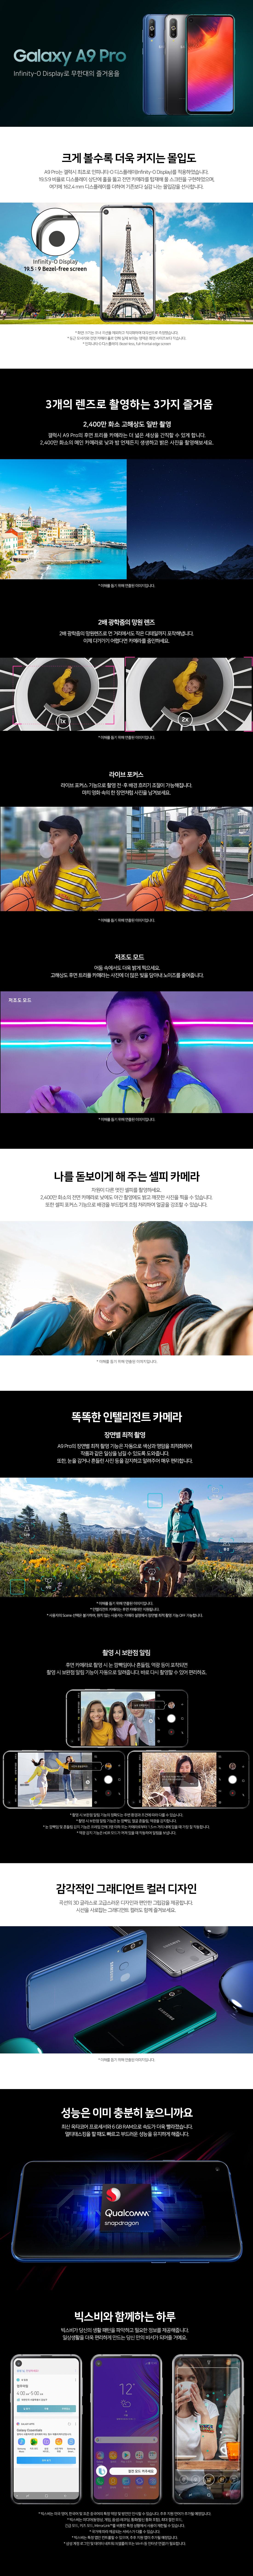 갤럭시 A9 Pro 상세 기능 상세정보